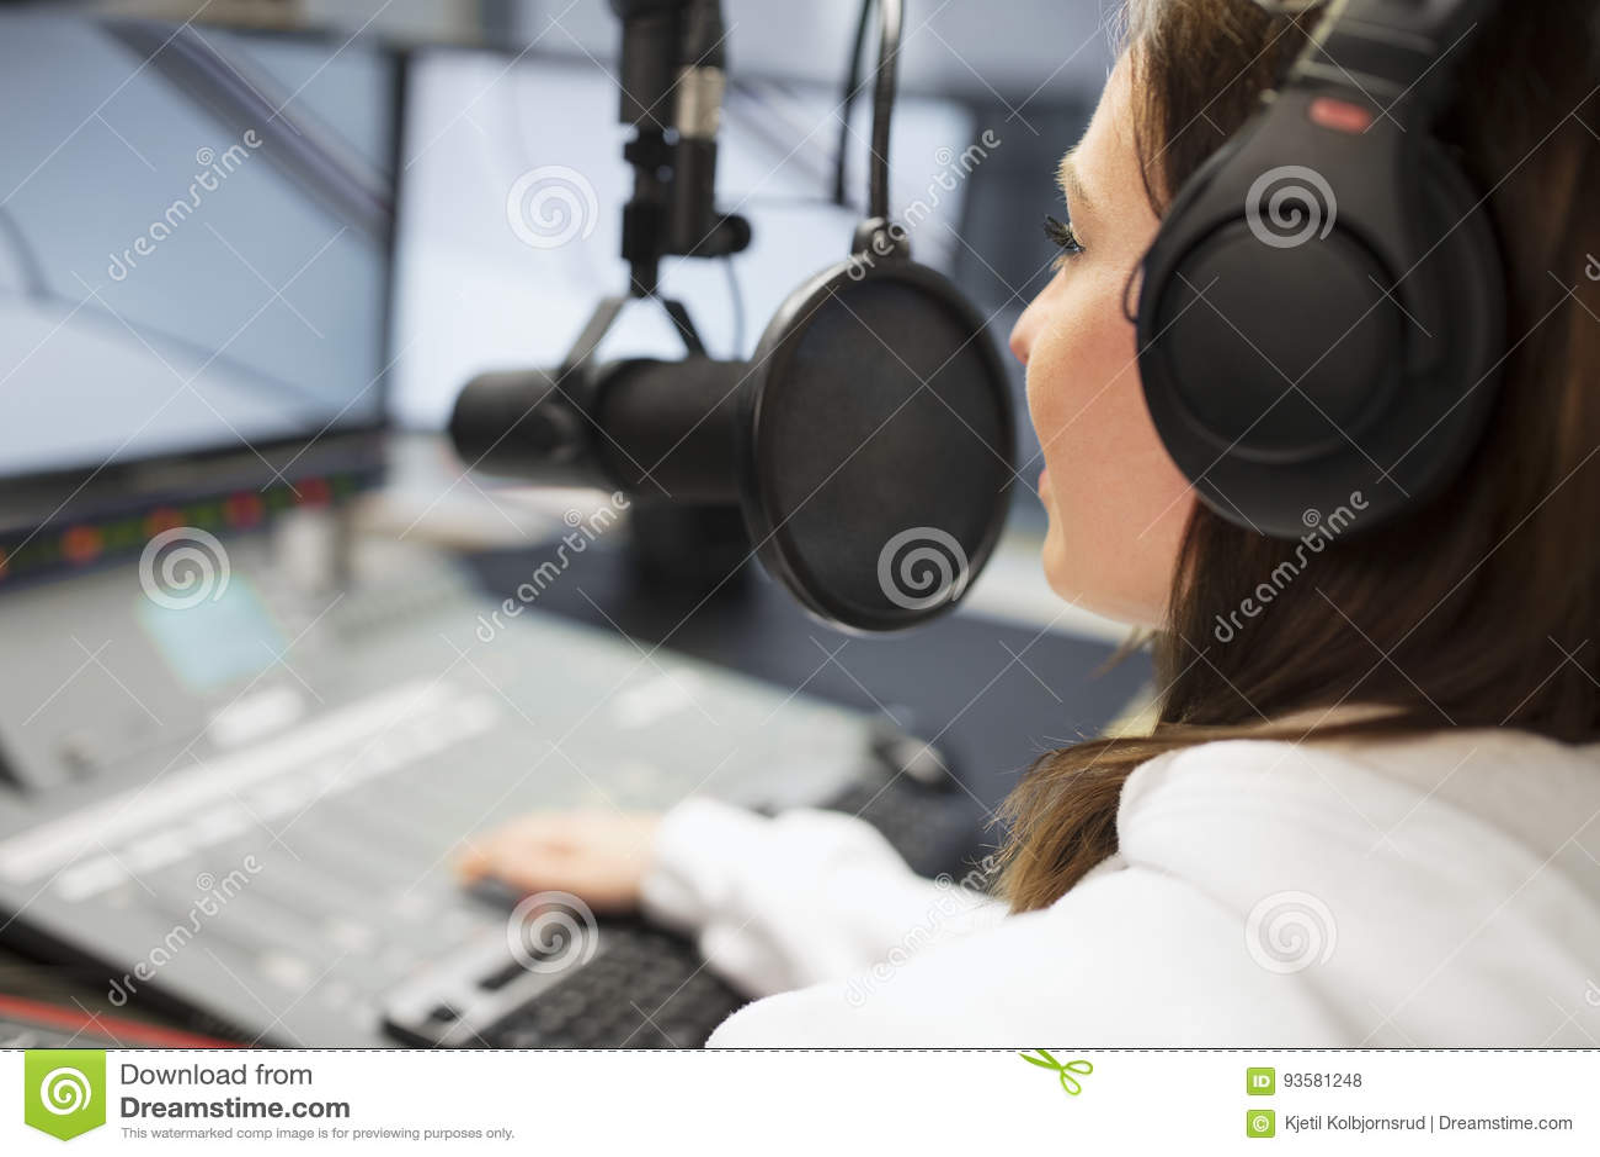 骑师佩带的耳机,当使用话筒在无线电演播室时